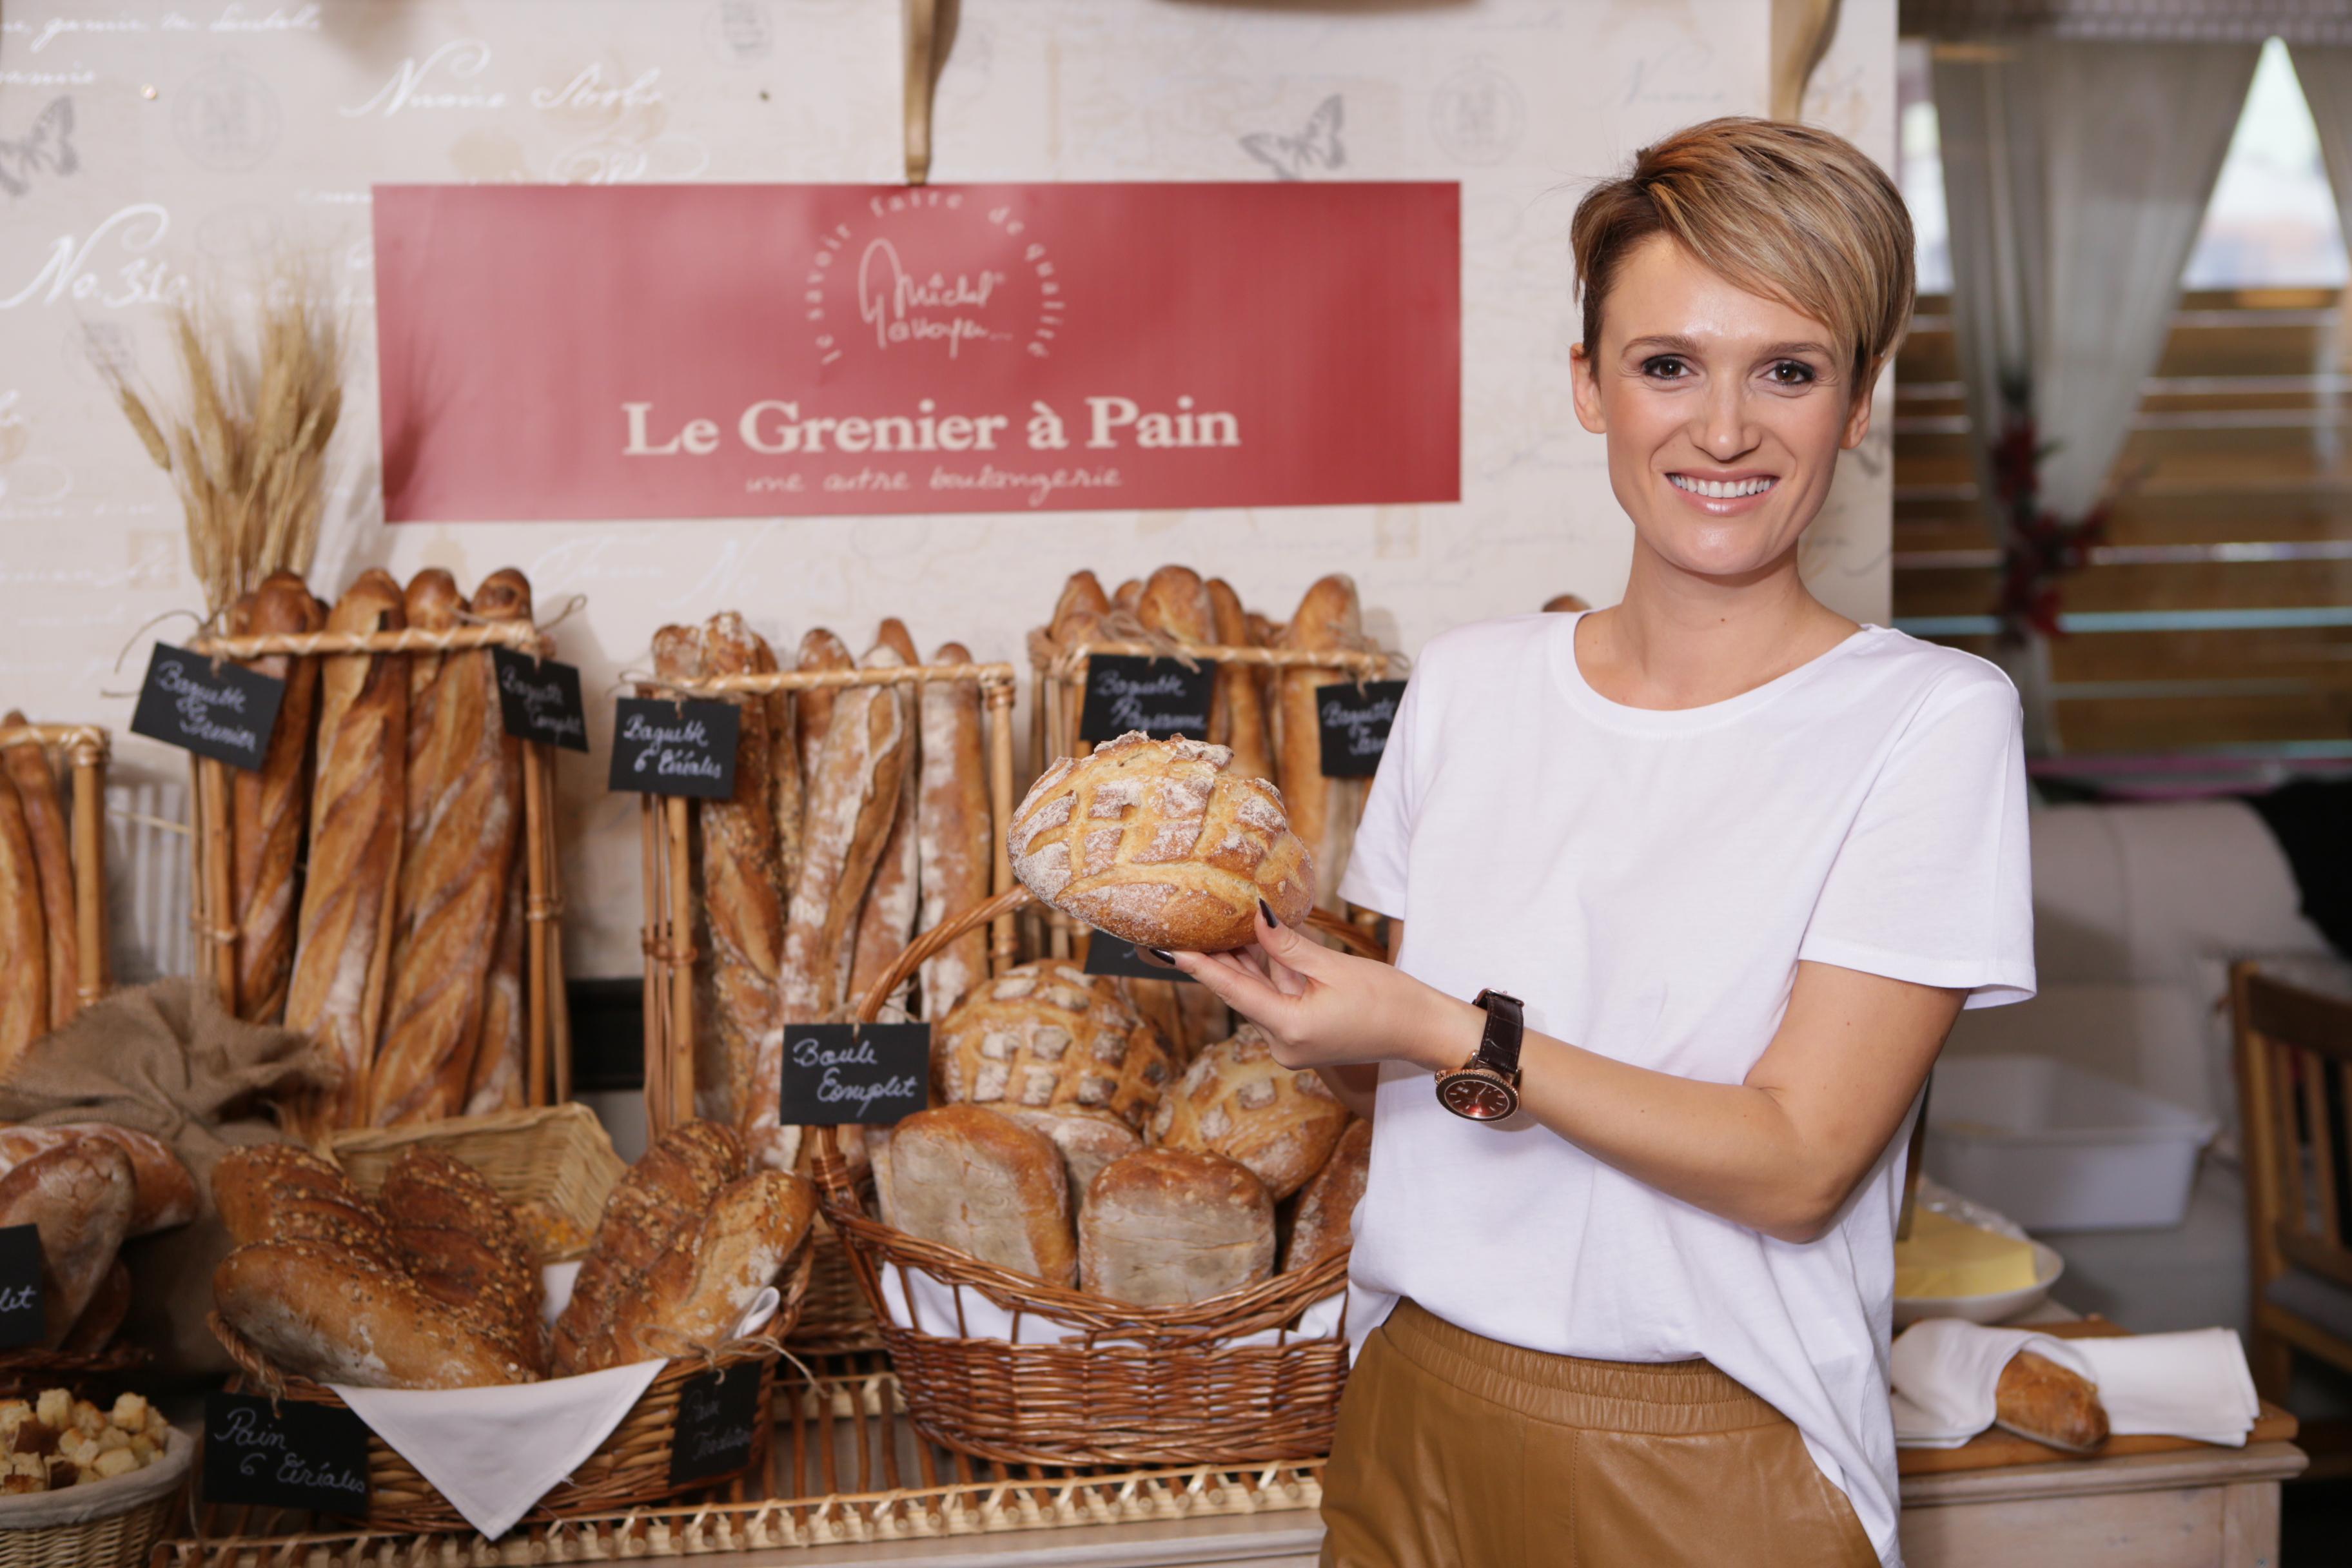 Le Grenier à Pain, 1 an in Romania. Cea mai buna paine din Paris, acum in doua locatii din Bucuresti!